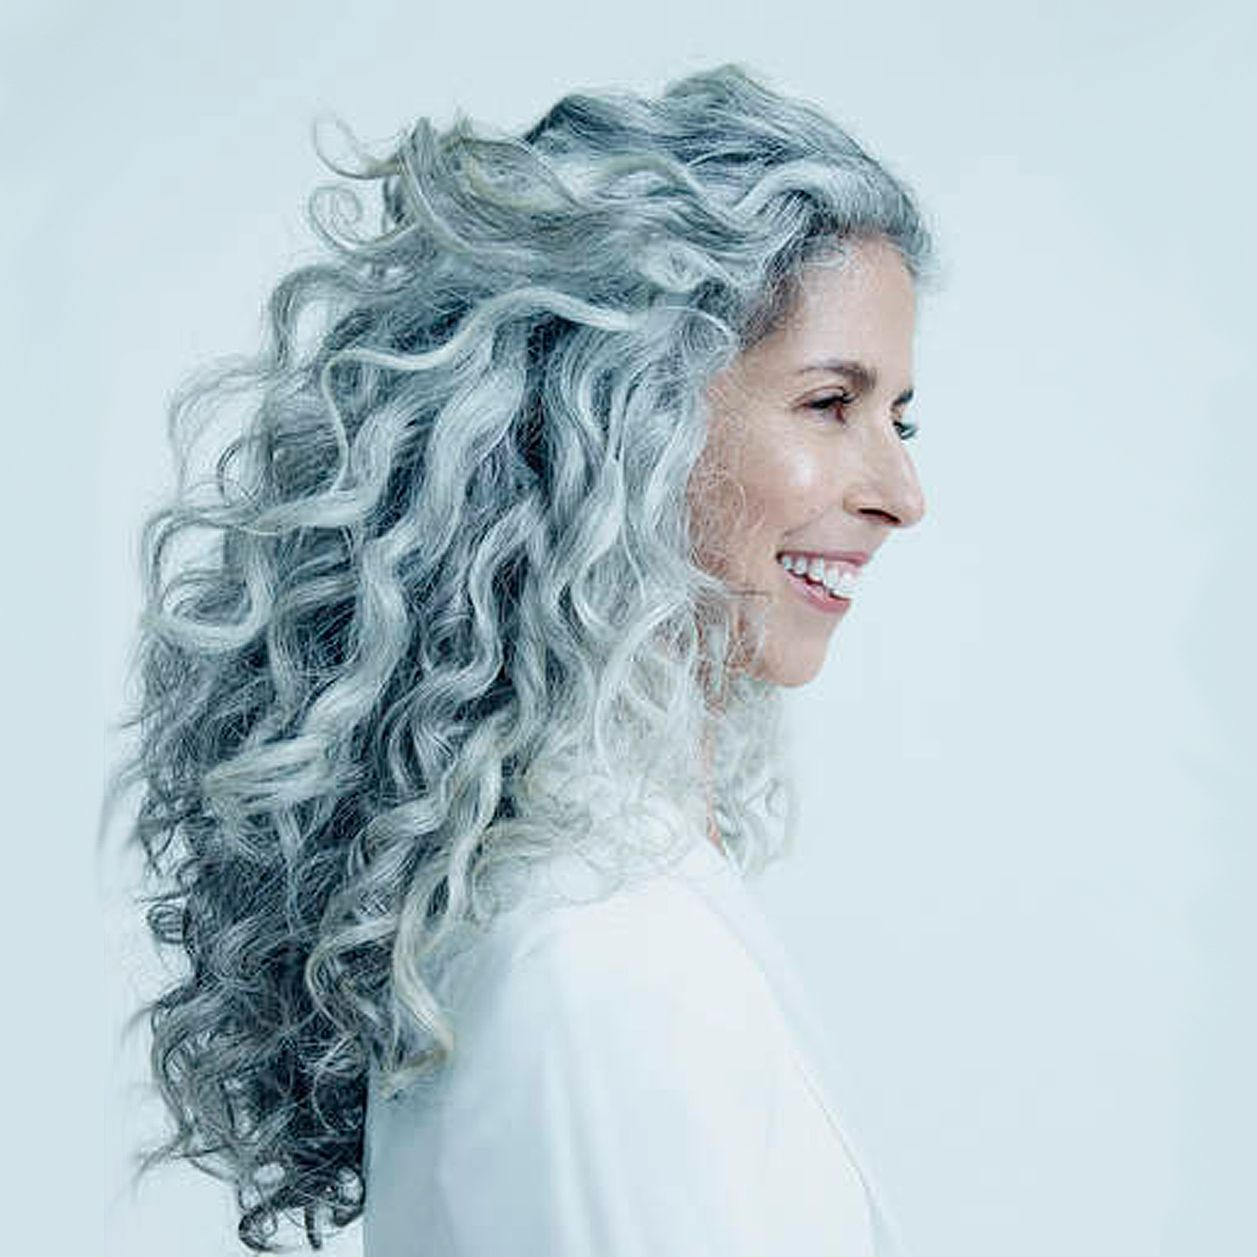 Grey Is The New Black Die Schonsten Frisuren Fur Graue Haare Graue Haare Frisuren Graue Haare Silbergraue Haare